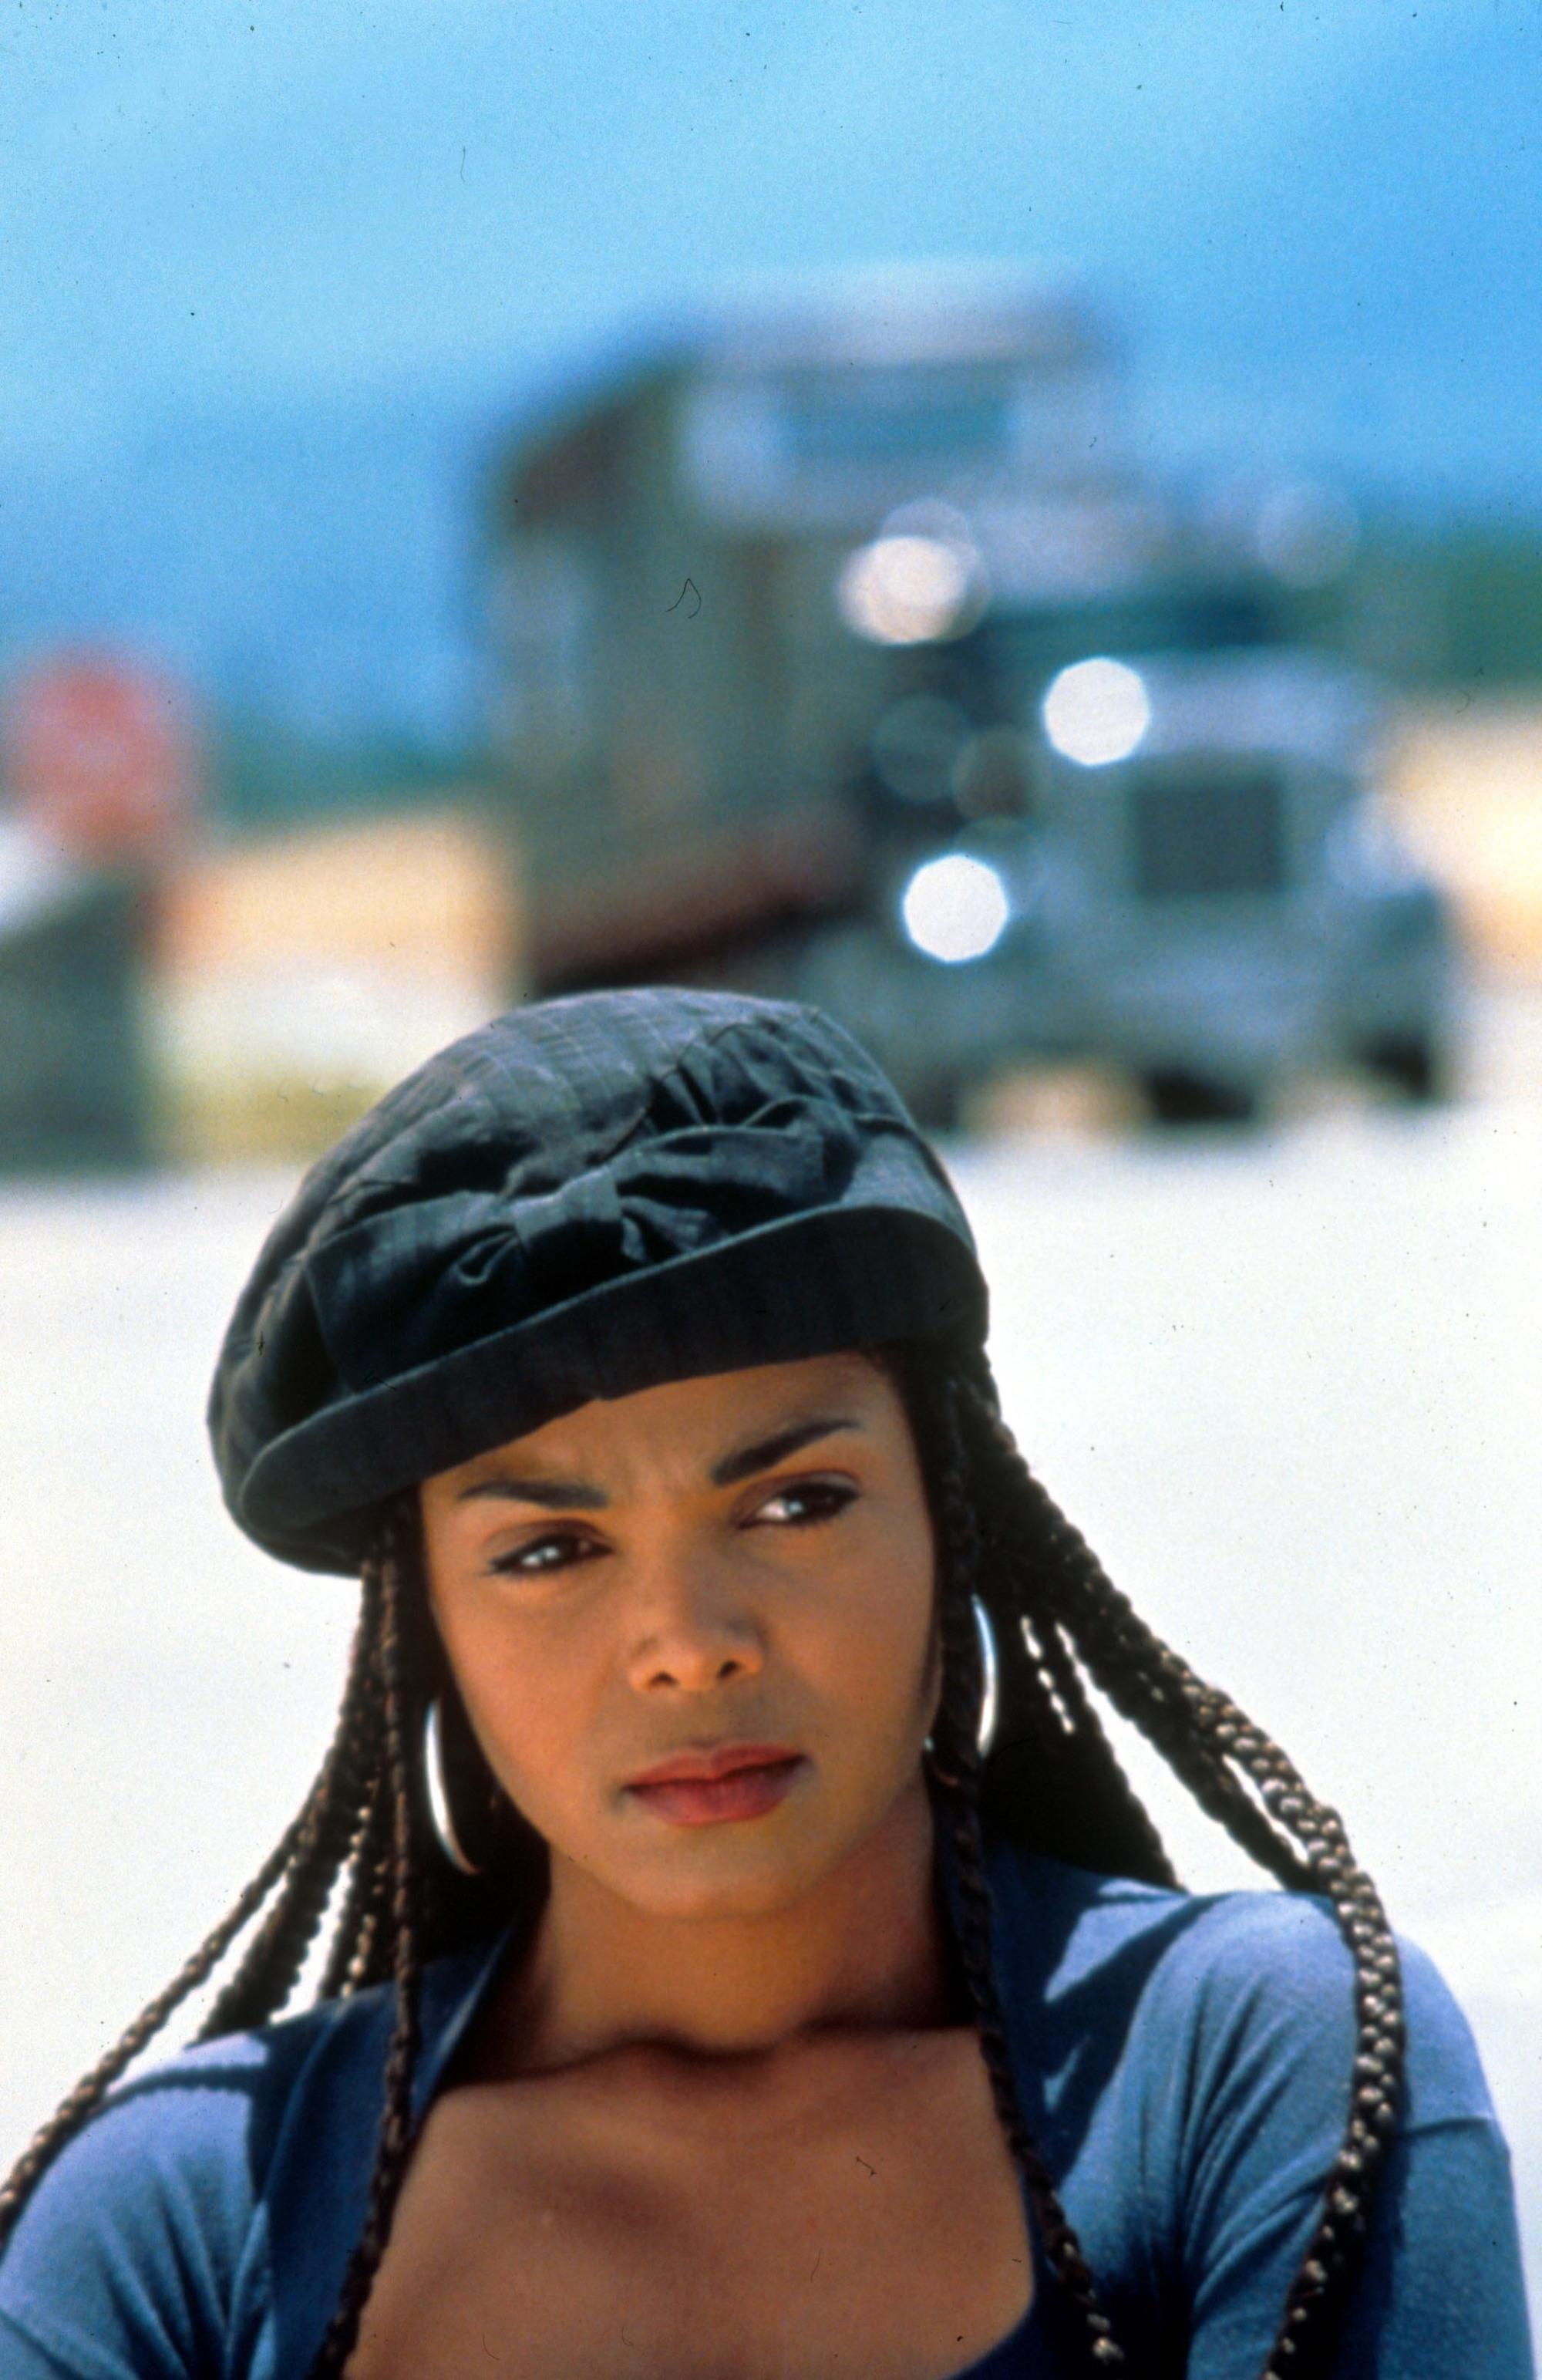 Coiffures des années 90 : Janet Jackson boxe des tresses du film Poetic Justice, portant un béret noir et des boucles d'oreilles en cerceau